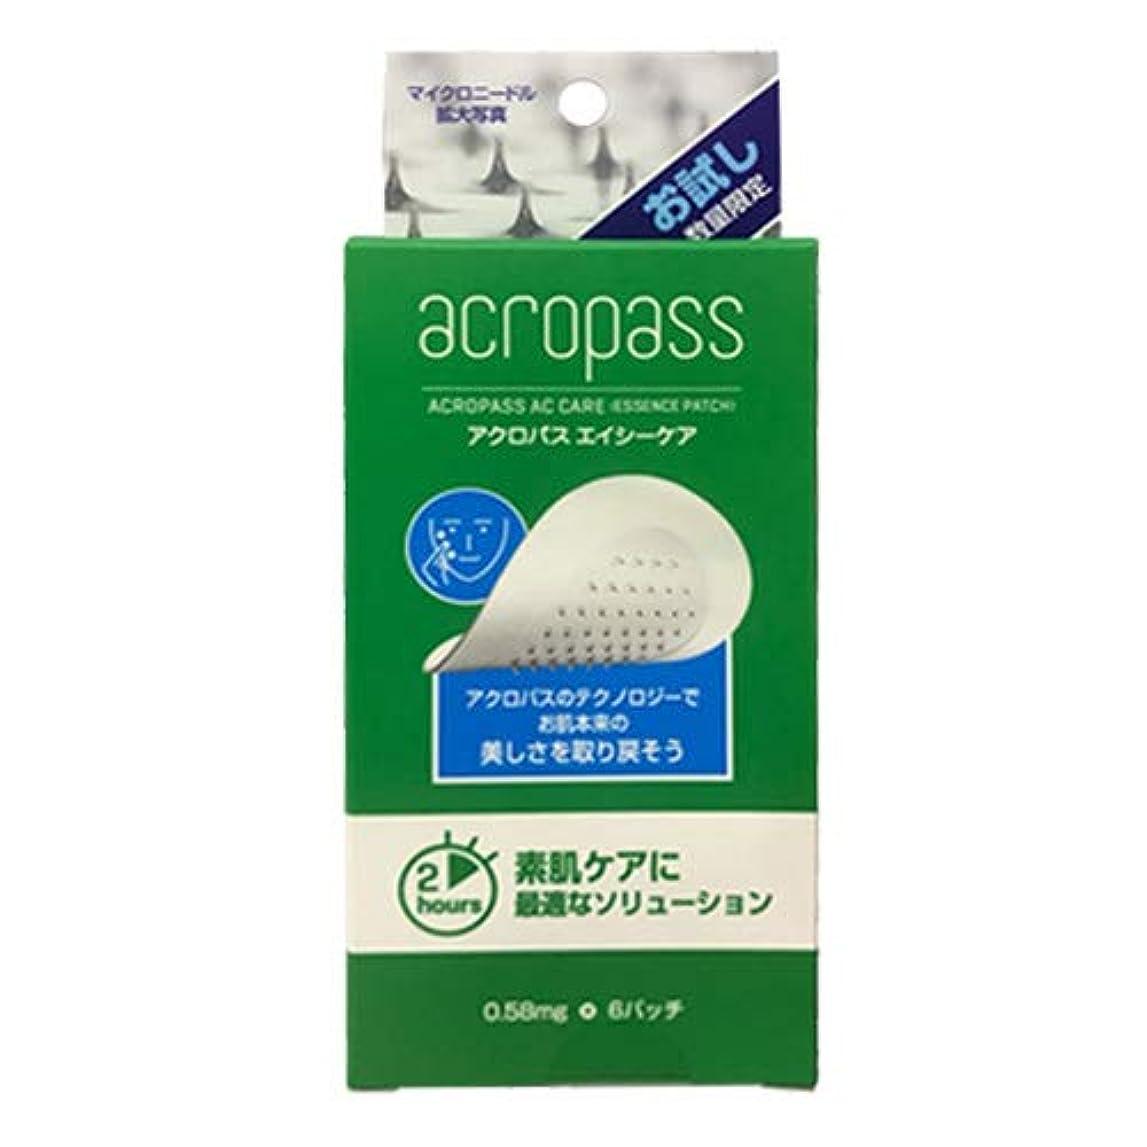 夢中首尾一貫したシリアルアクロパス (acropass) エイシーケア お試しサイズ 6パッチ入り ×2個セット